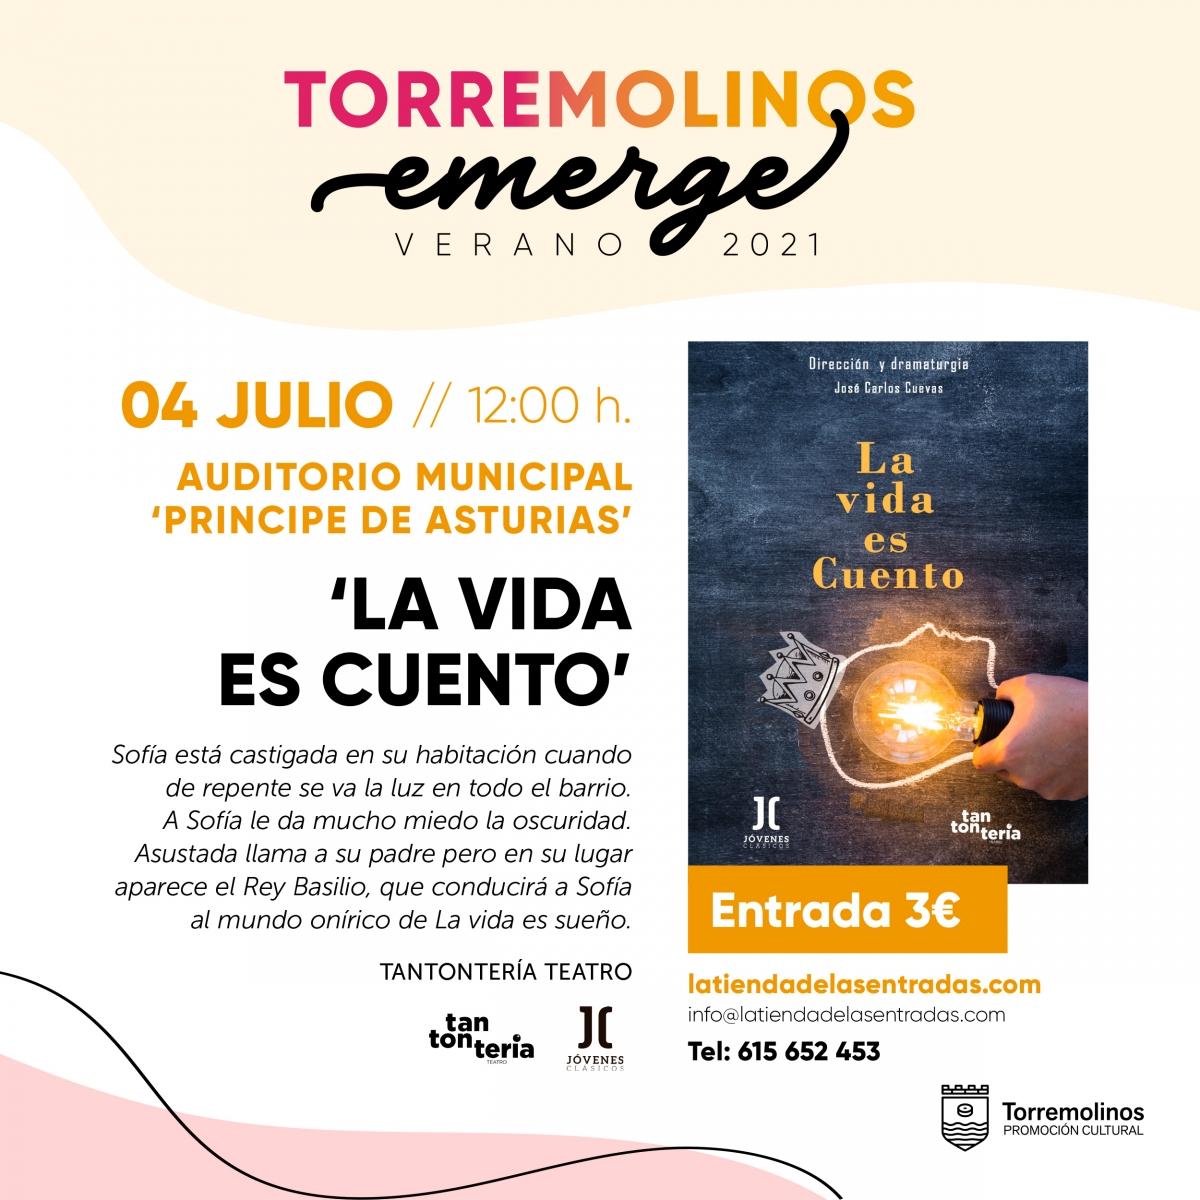 20210702132649_news_88_torremolinos-emerge-rrss-4-julio.jpg